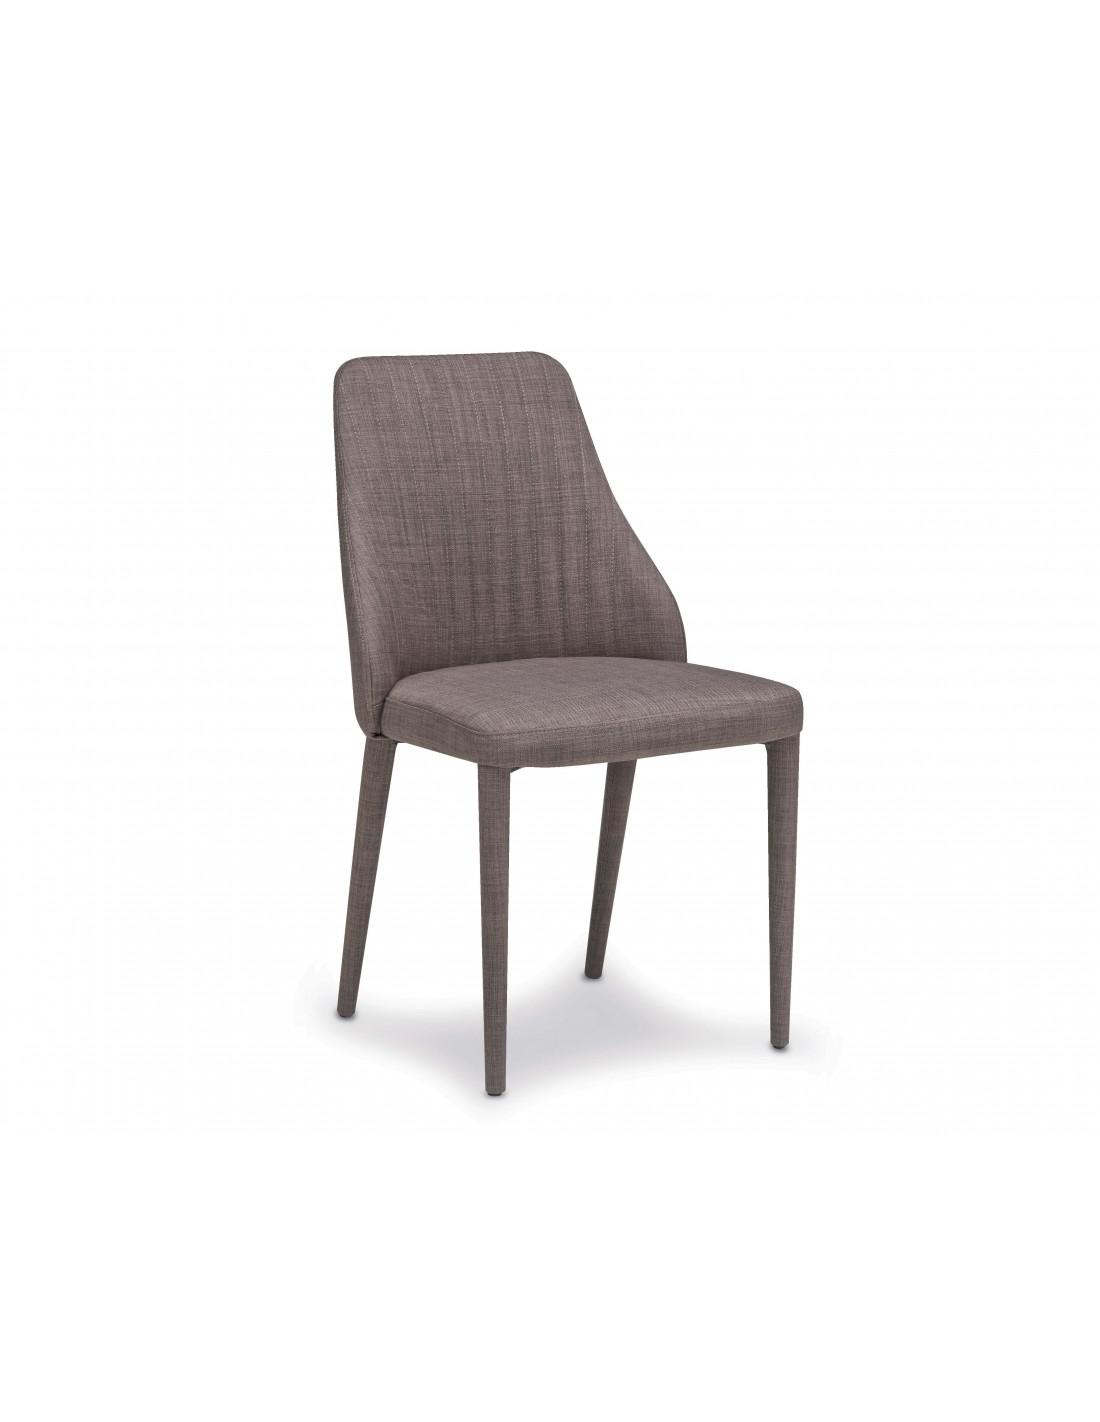 Chaise Salle à Manger,chaise Salon,chaise Repas,chaise